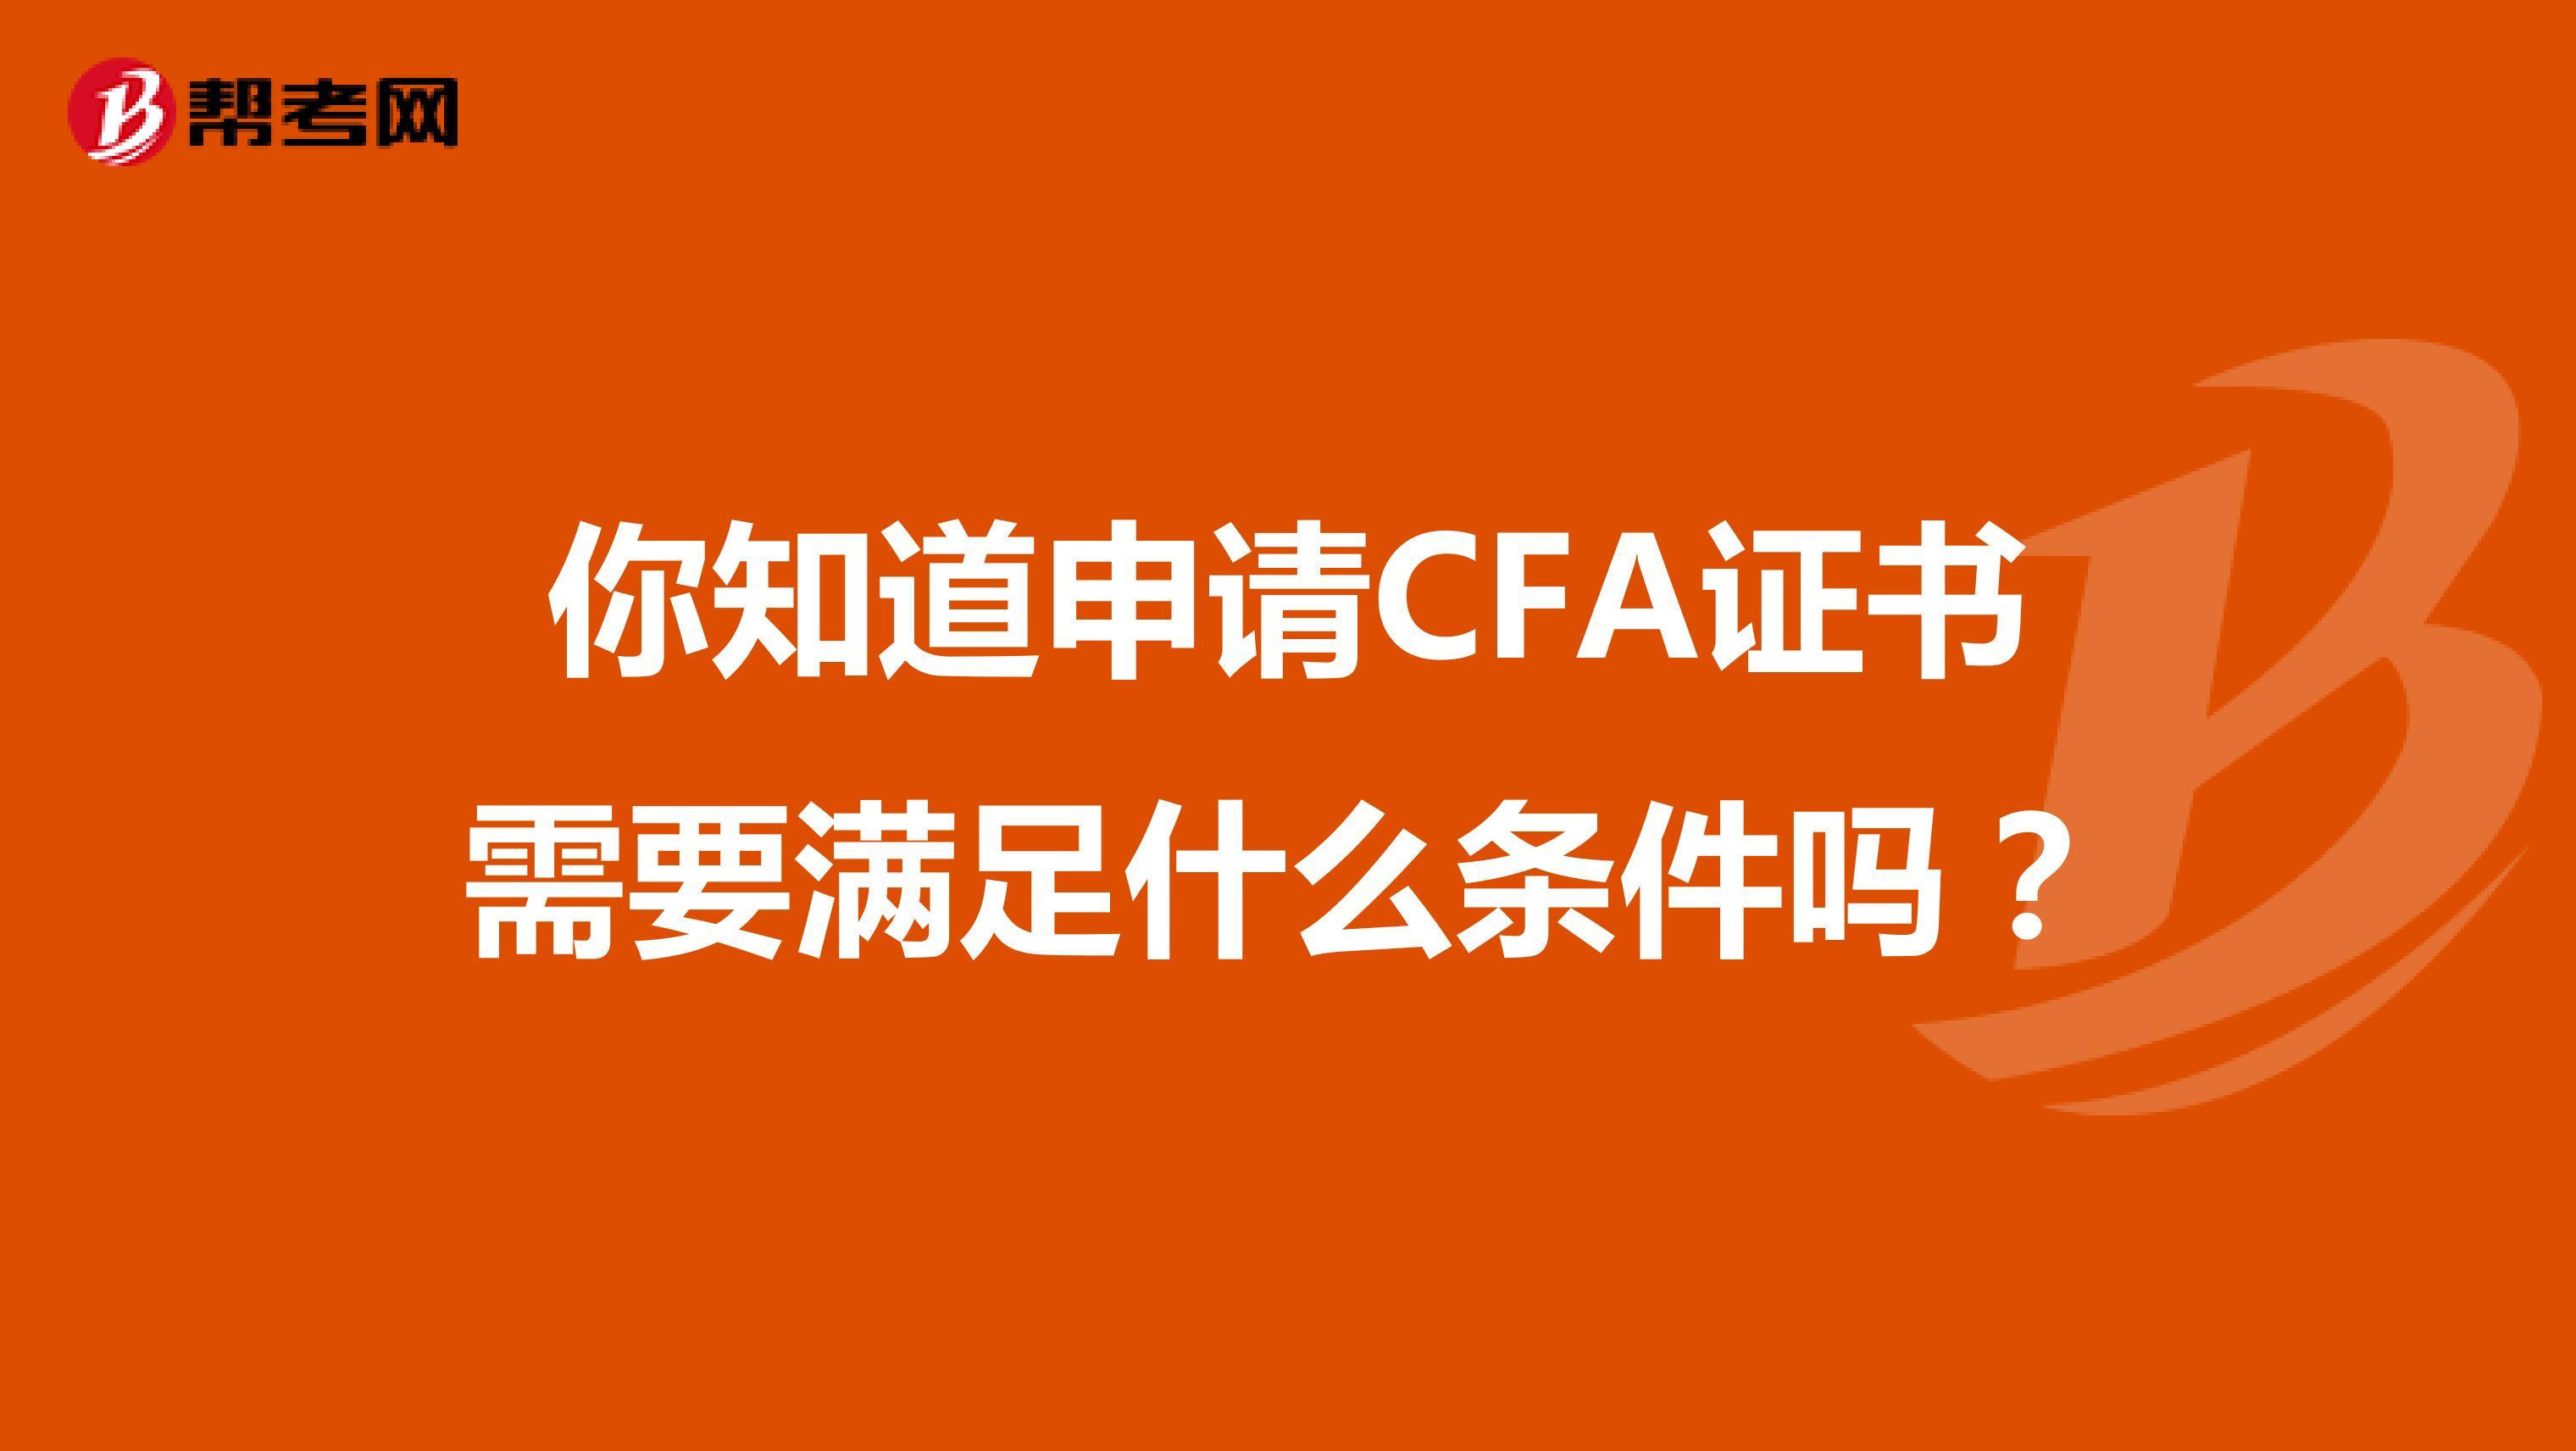 你知道申請CFA證書需要滿足什么條件嗎?